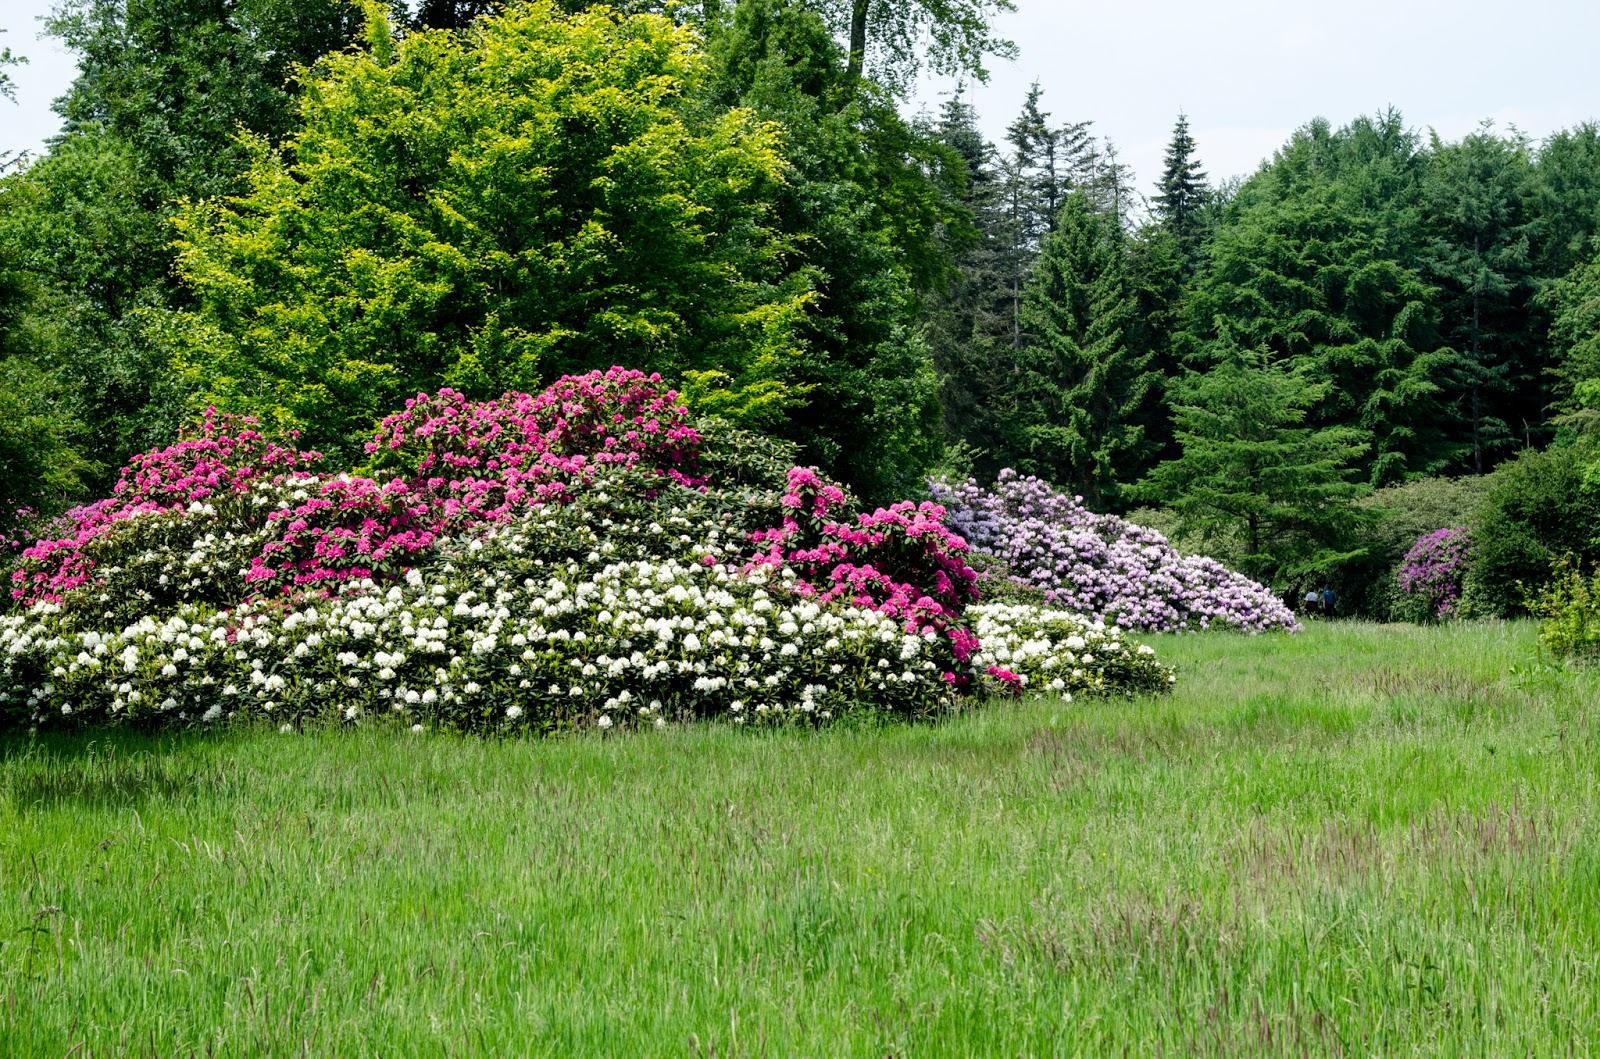 baum des tages rhododendron 3. Black Bedroom Furniture Sets. Home Design Ideas